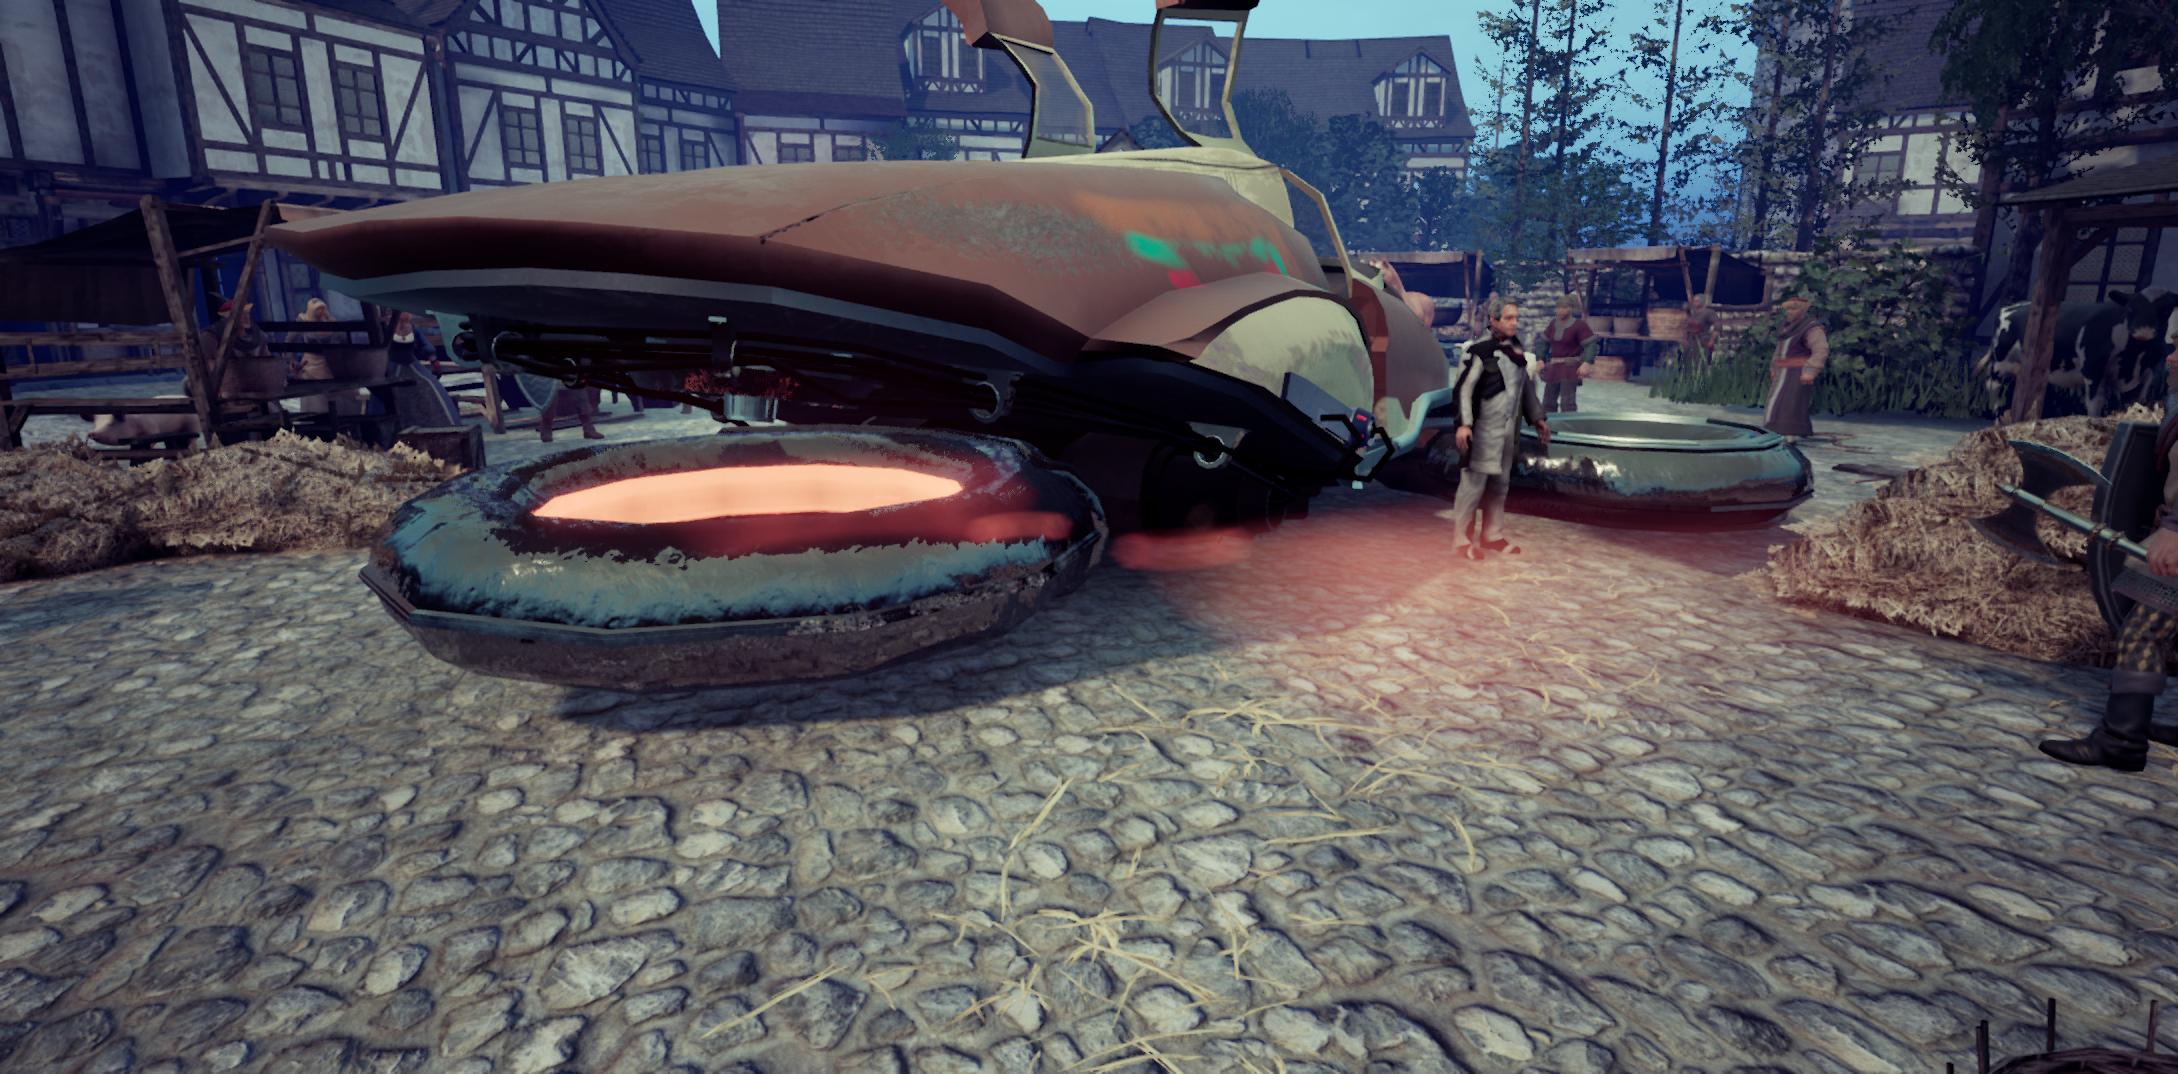 अवास्तविक इंजन 4 और टाइम मशीन के साथ मध्यकालीन शहर 3d max Other में प्रस्तुत छवि